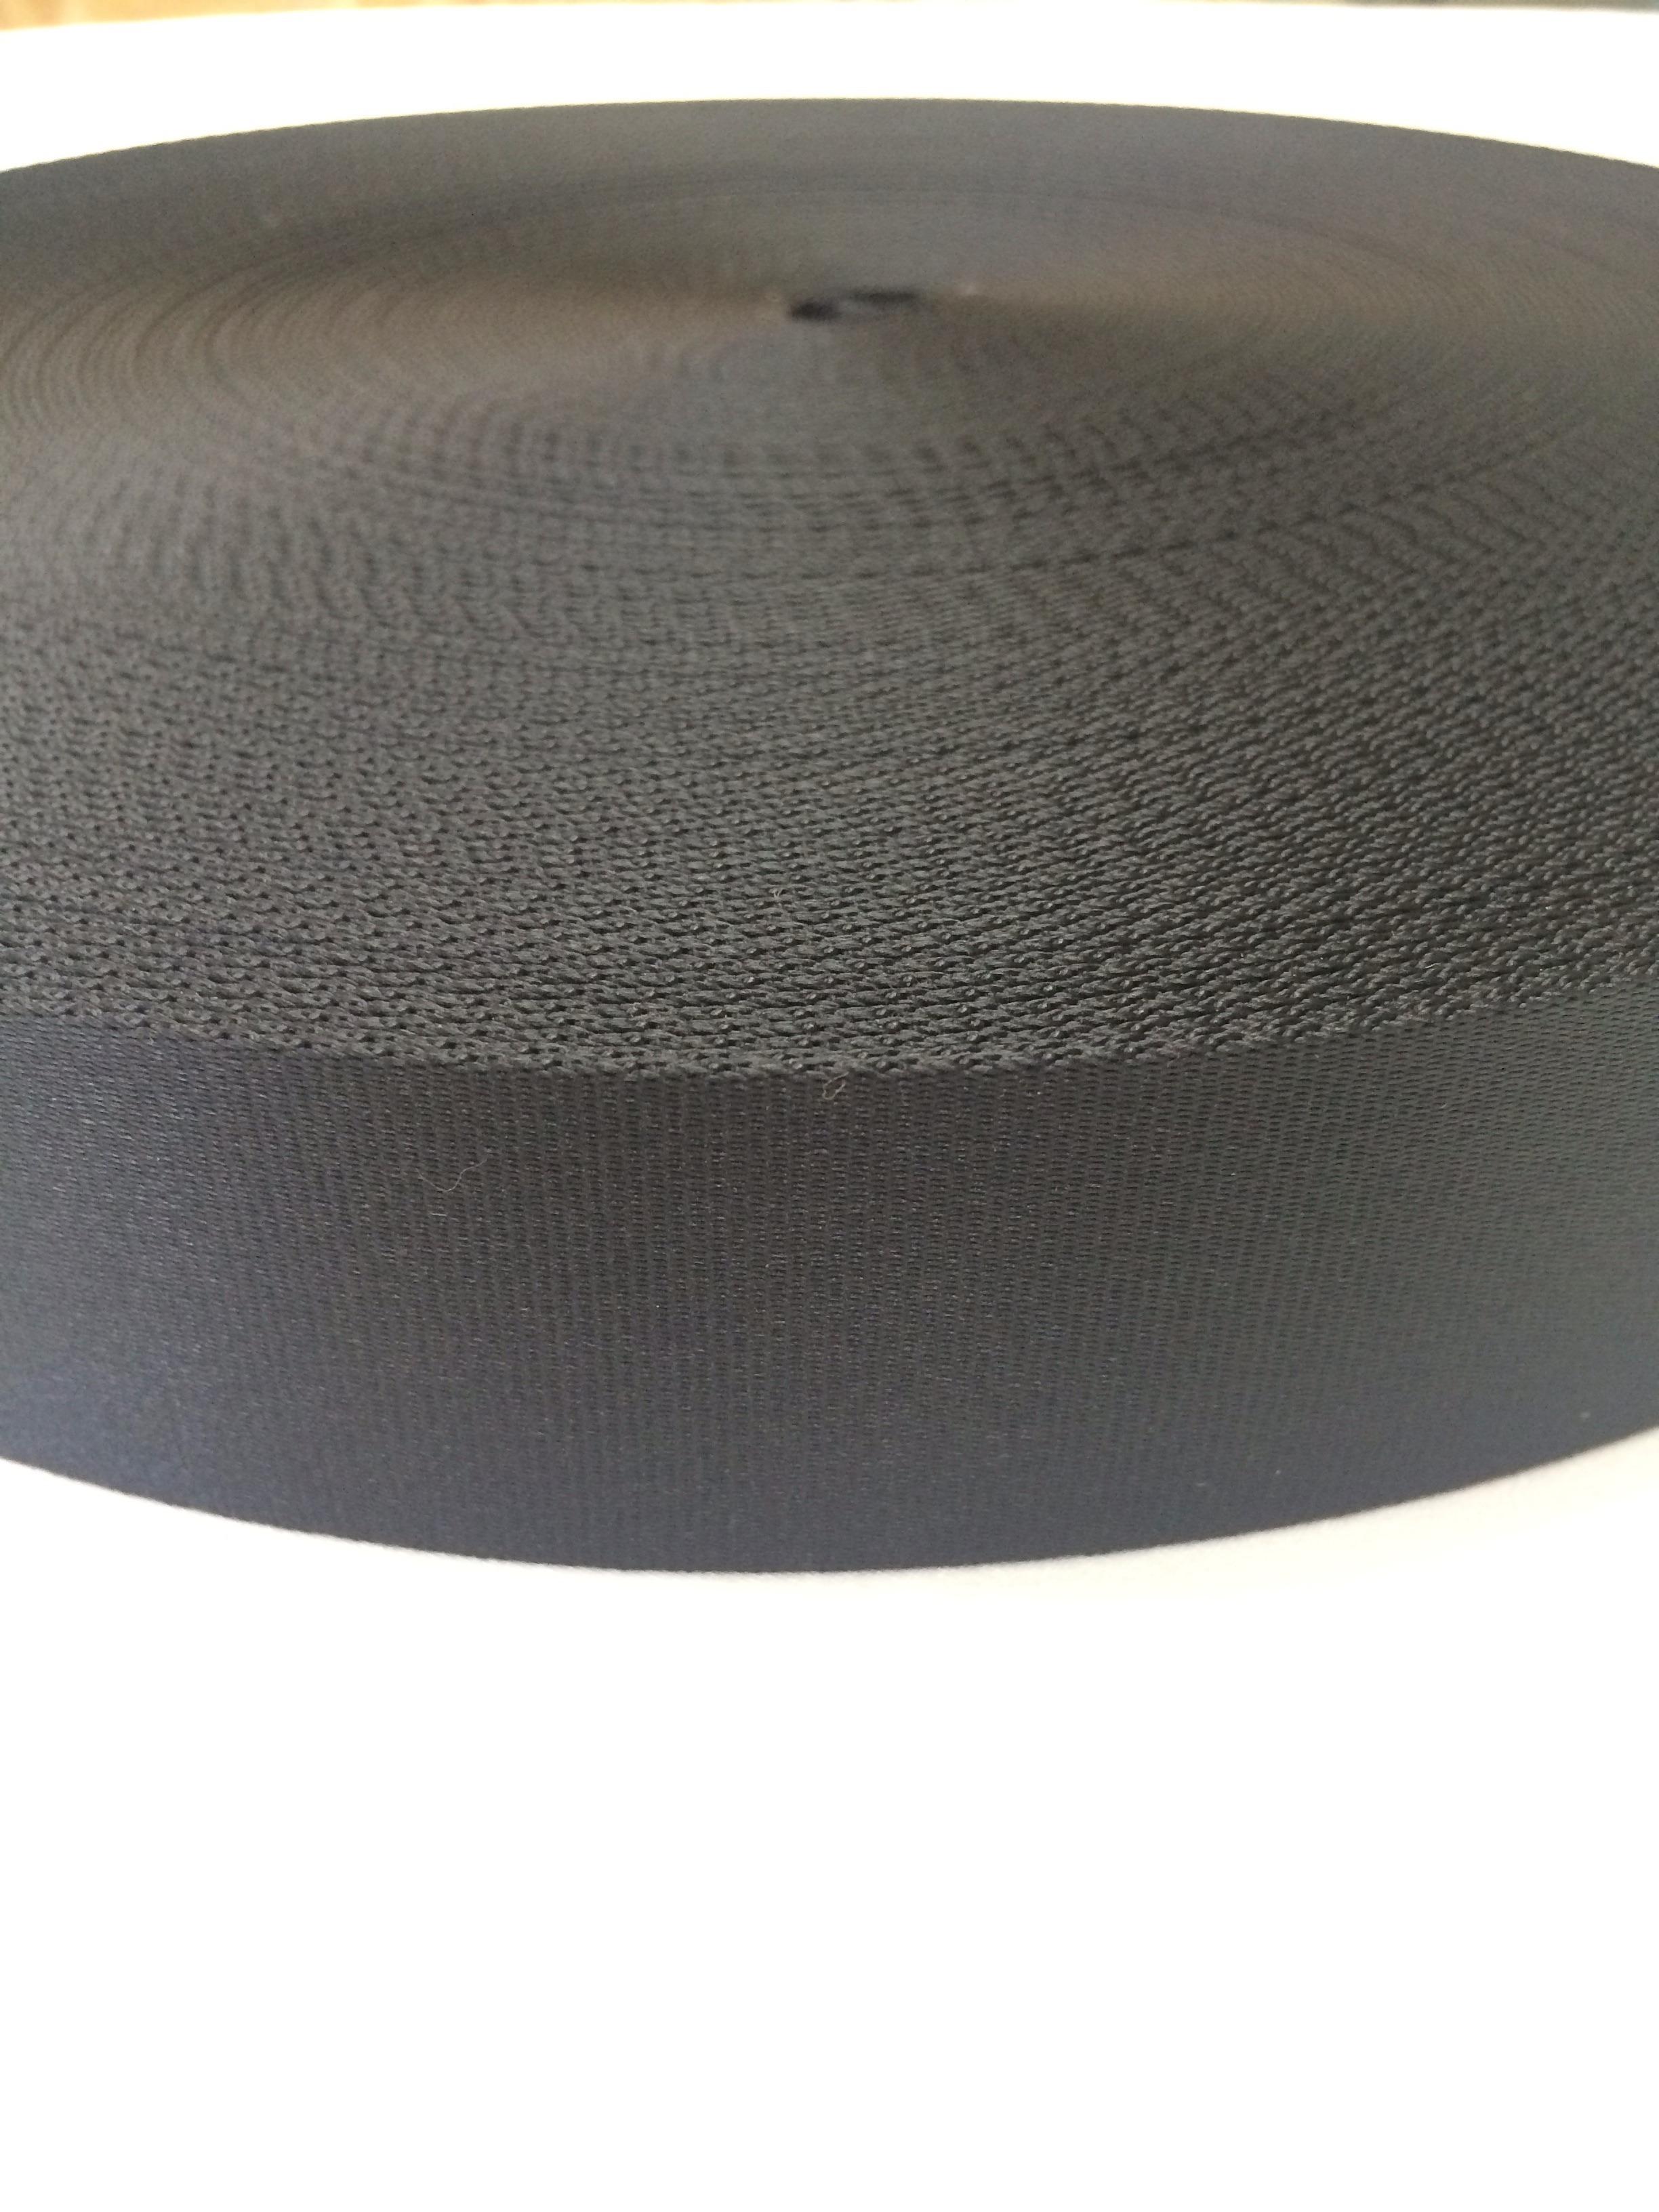 ナイロン サテン調 朱子織 20mm幅 黒 5m